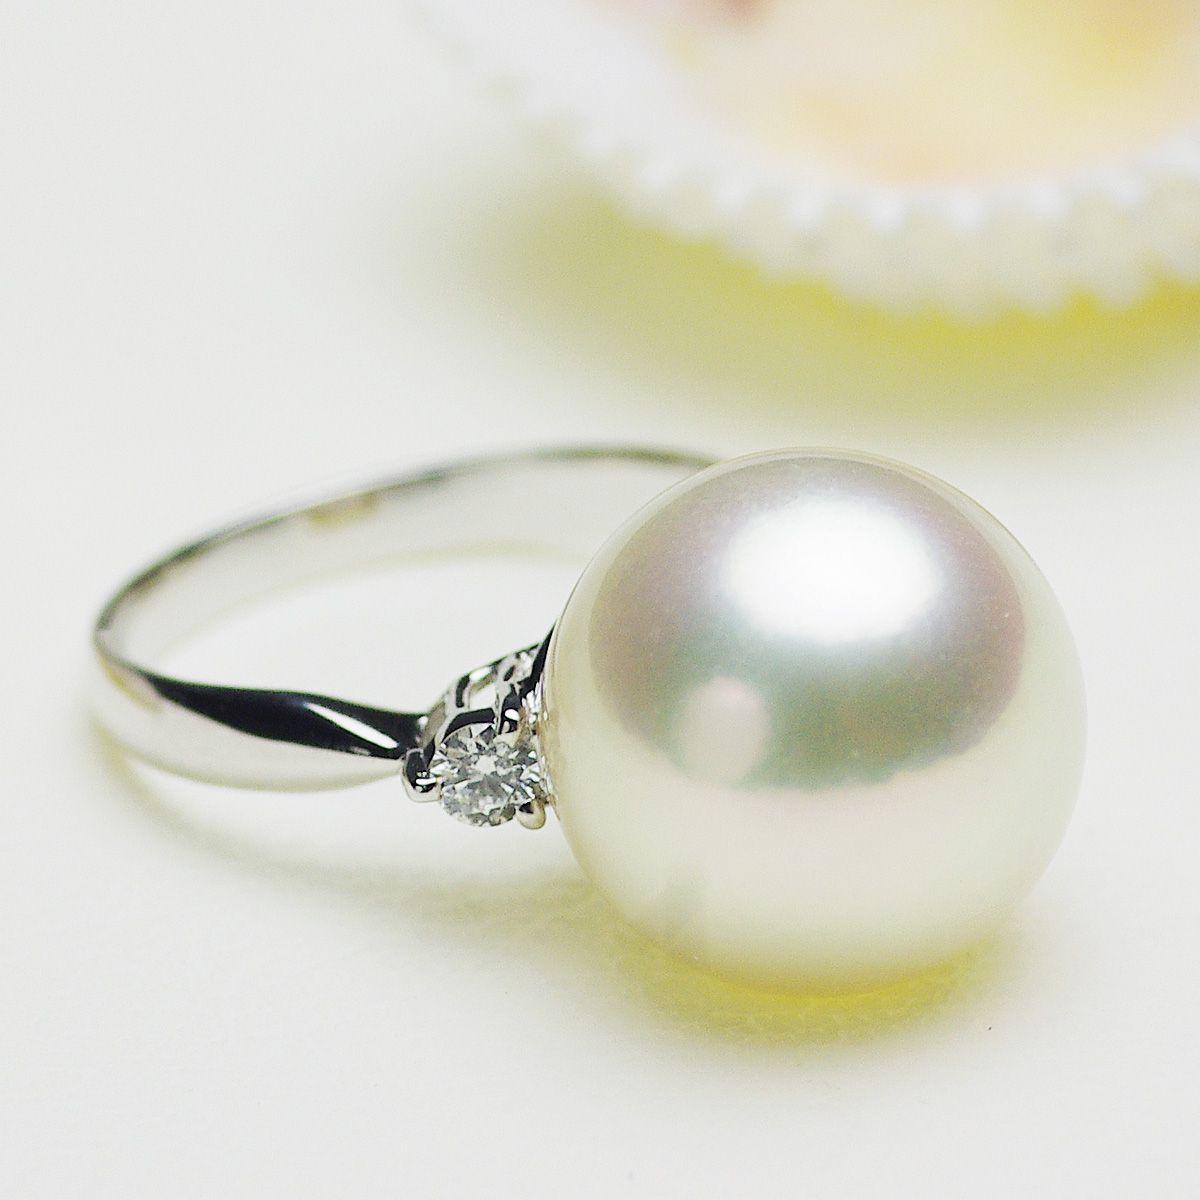 南洋白蝶真珠 パール リング 約13.9mm プラチナ Pt900の写真